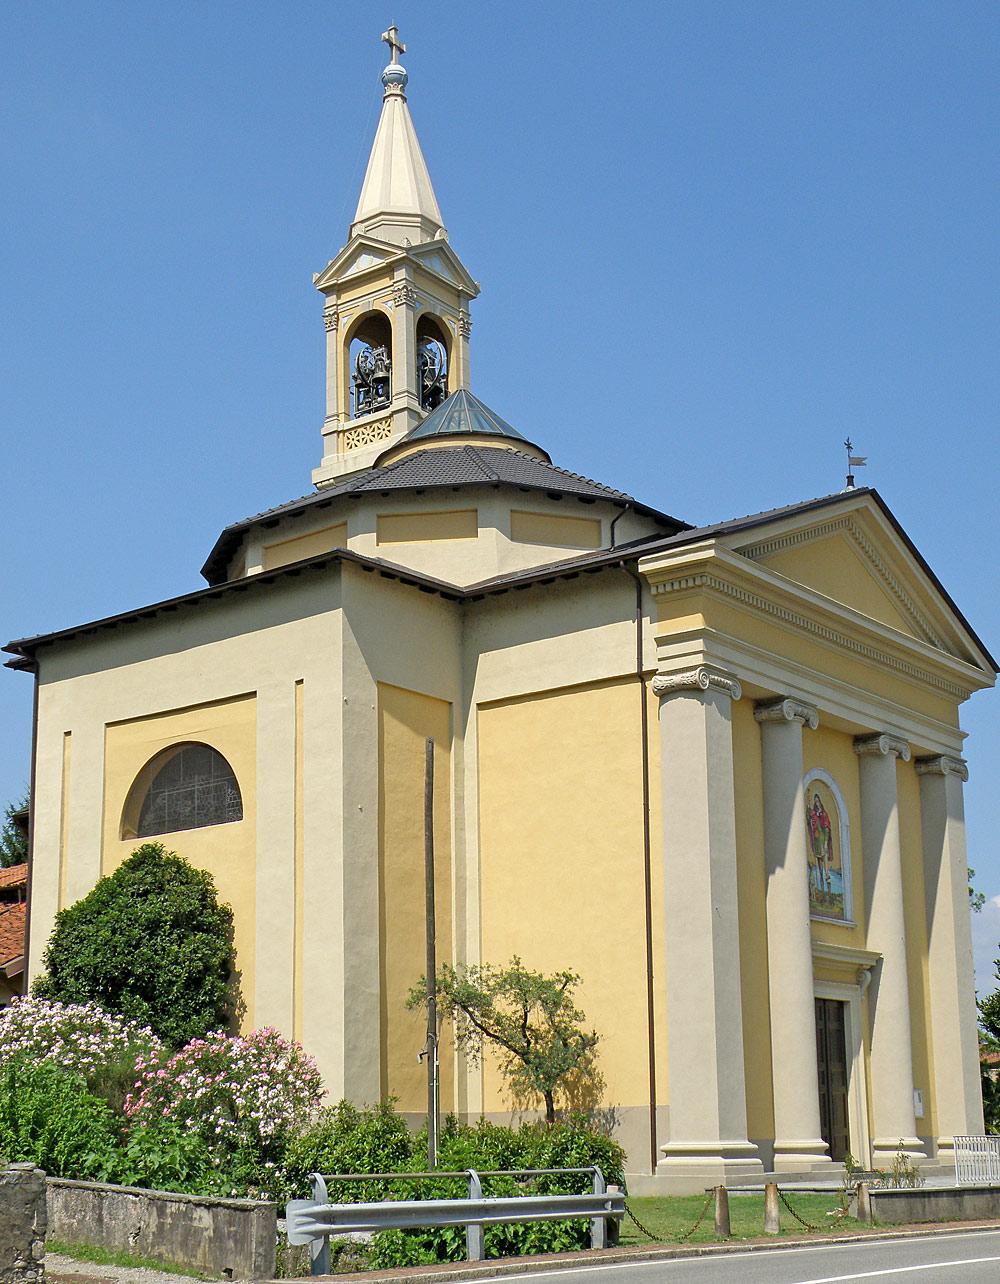 Außenansicht der Kirche San Rocco in Lesa